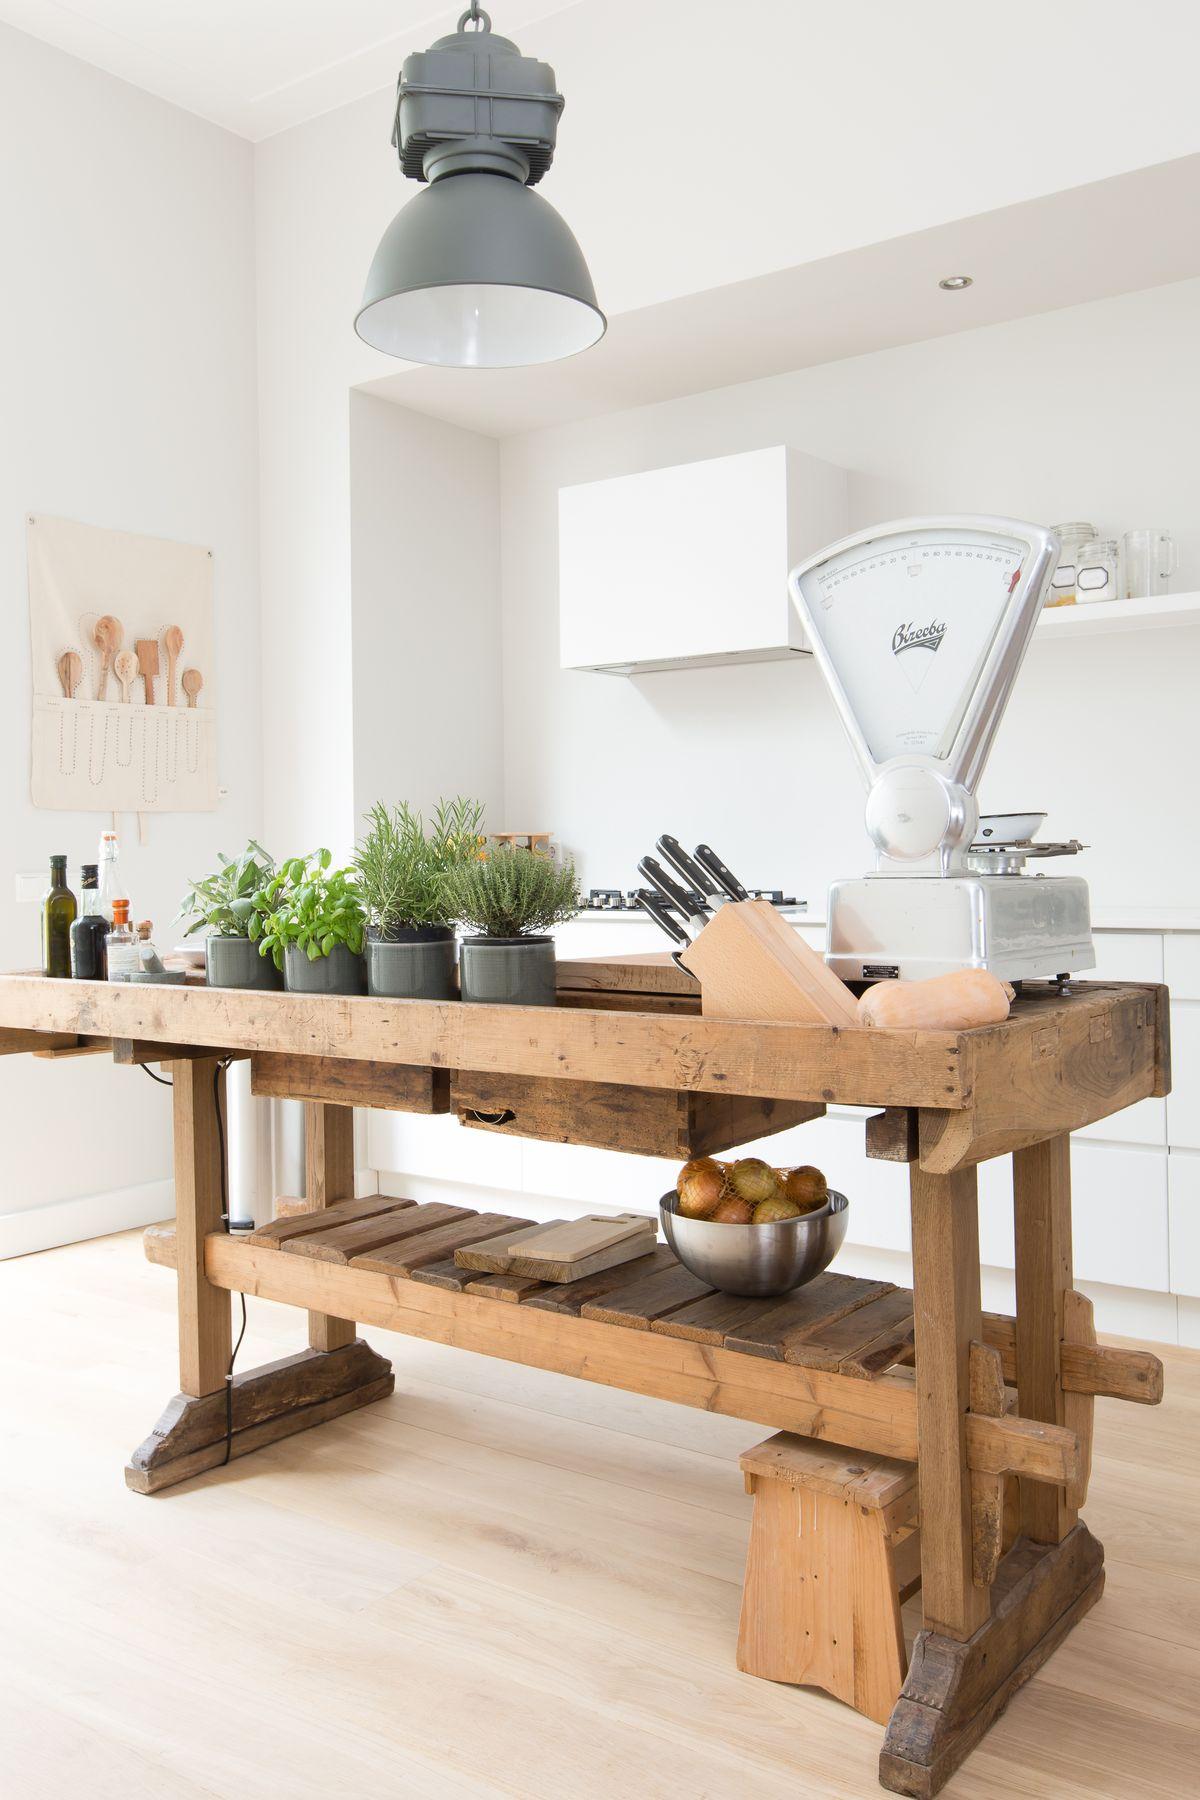 Eine werkbank im interieur ja oder nein alles was du brauchst um dein haus in ein zuhause - Oude stijl keuken wastafel ...